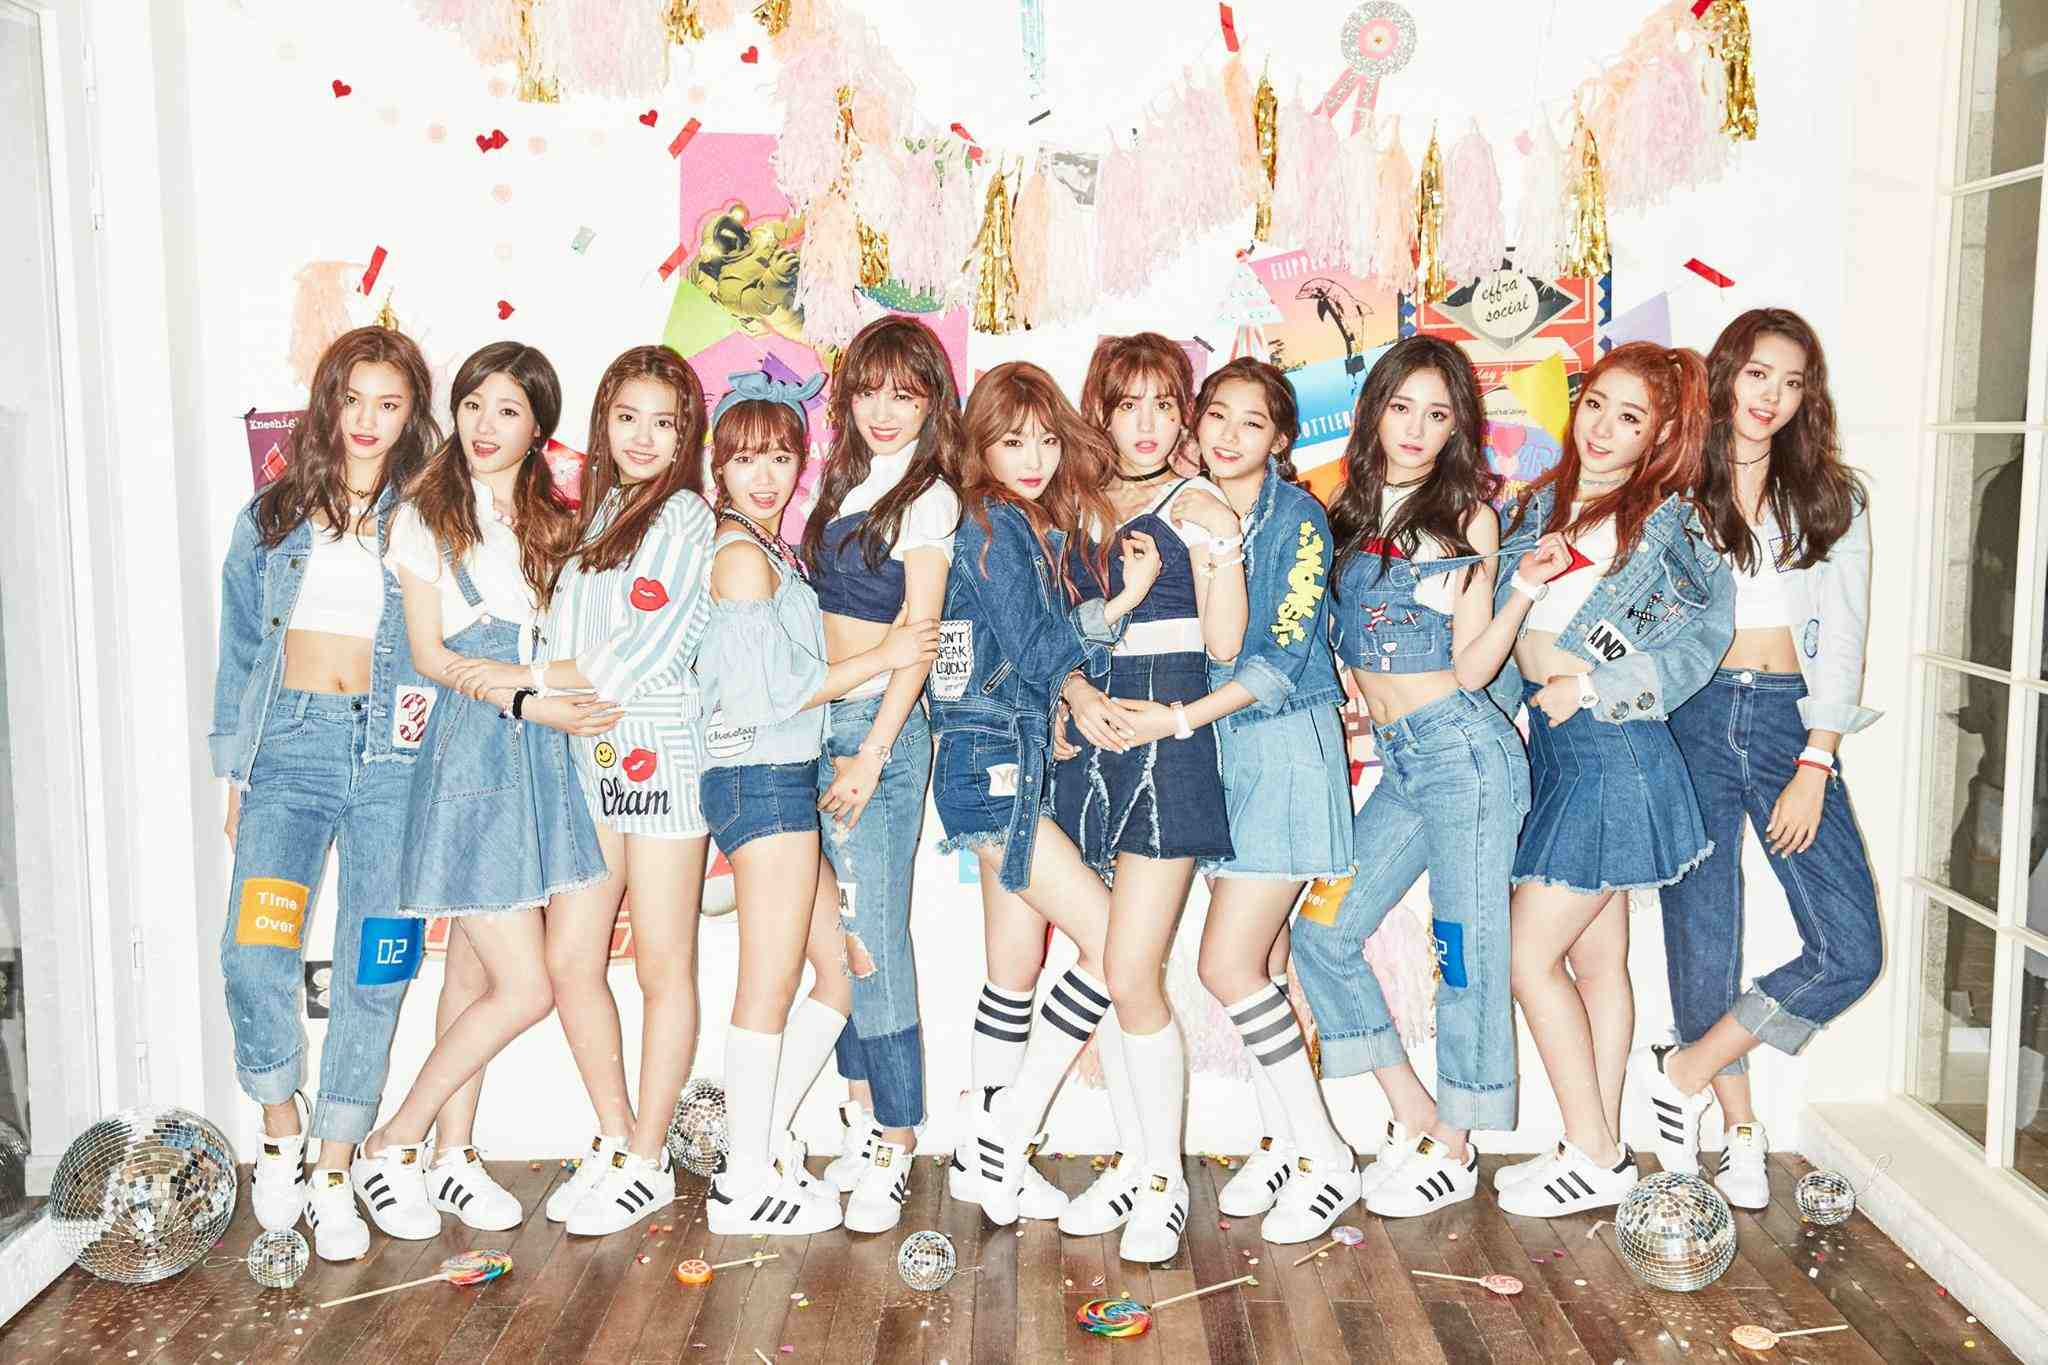 雖然I.O.I是僅活動一年的「限定女團」,但仍舊不影響她們的粉絲凝聚力,高人氣完全無法擋啊!